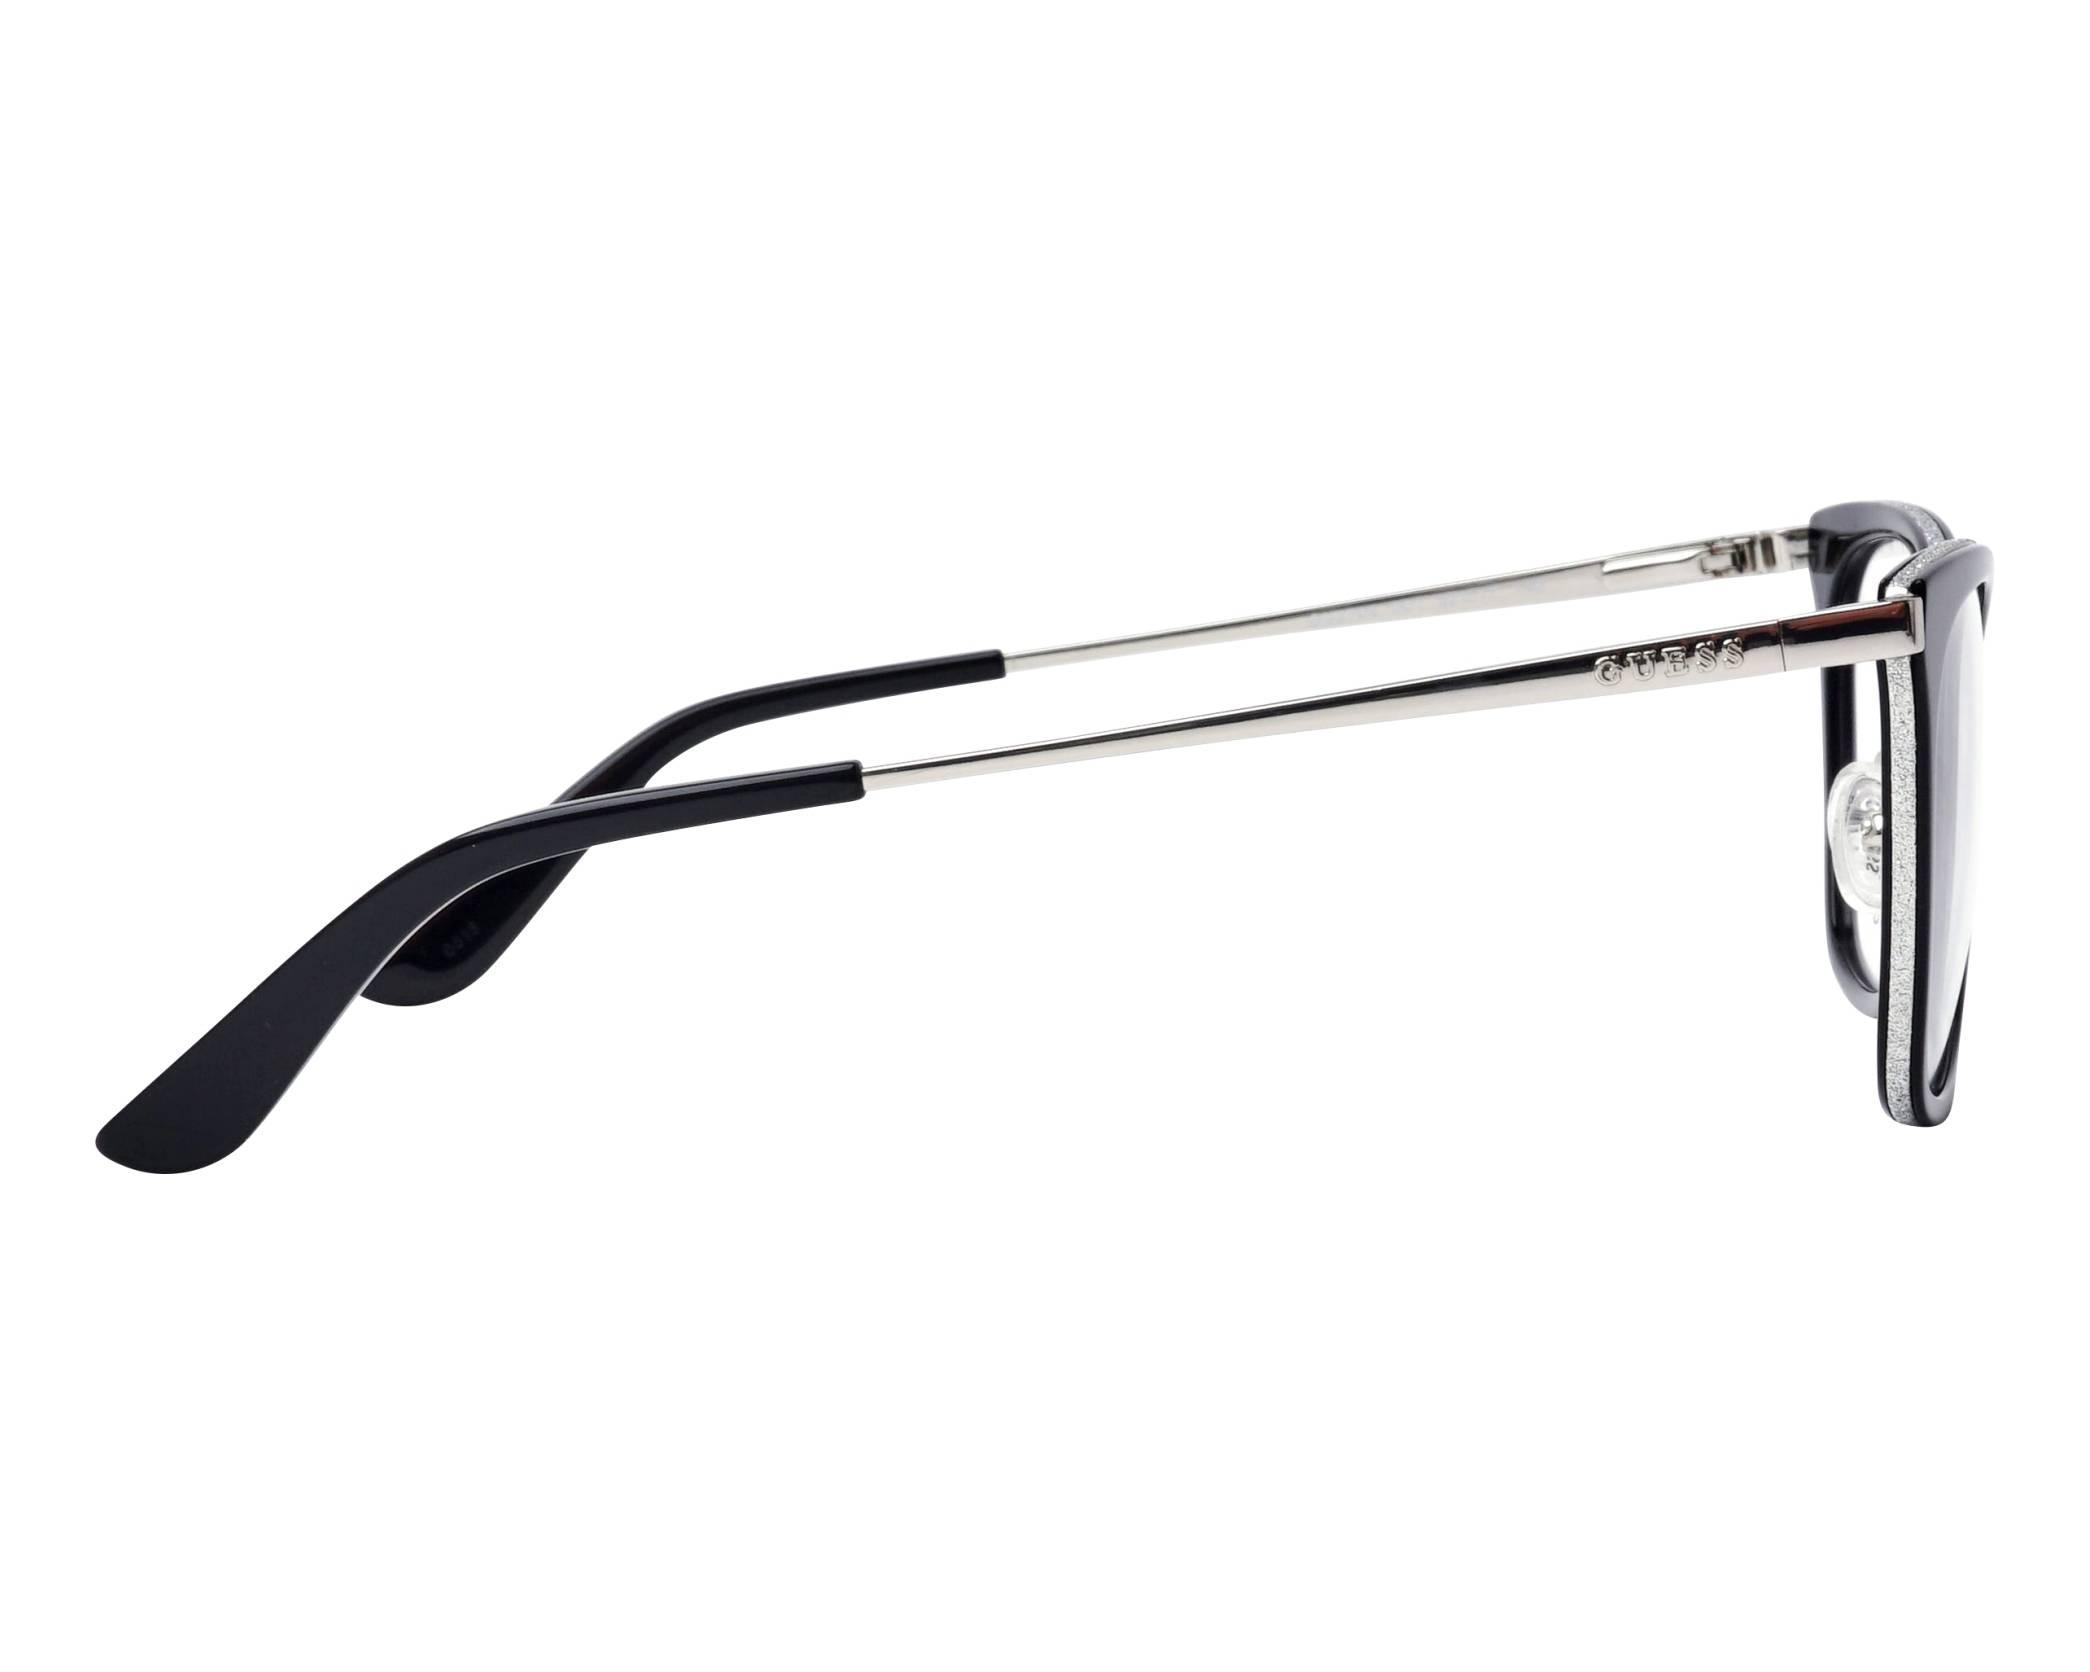 c7e00ca92c7 eyeglasses Guess GU-2706-V 001 52-17 Black Silver side view